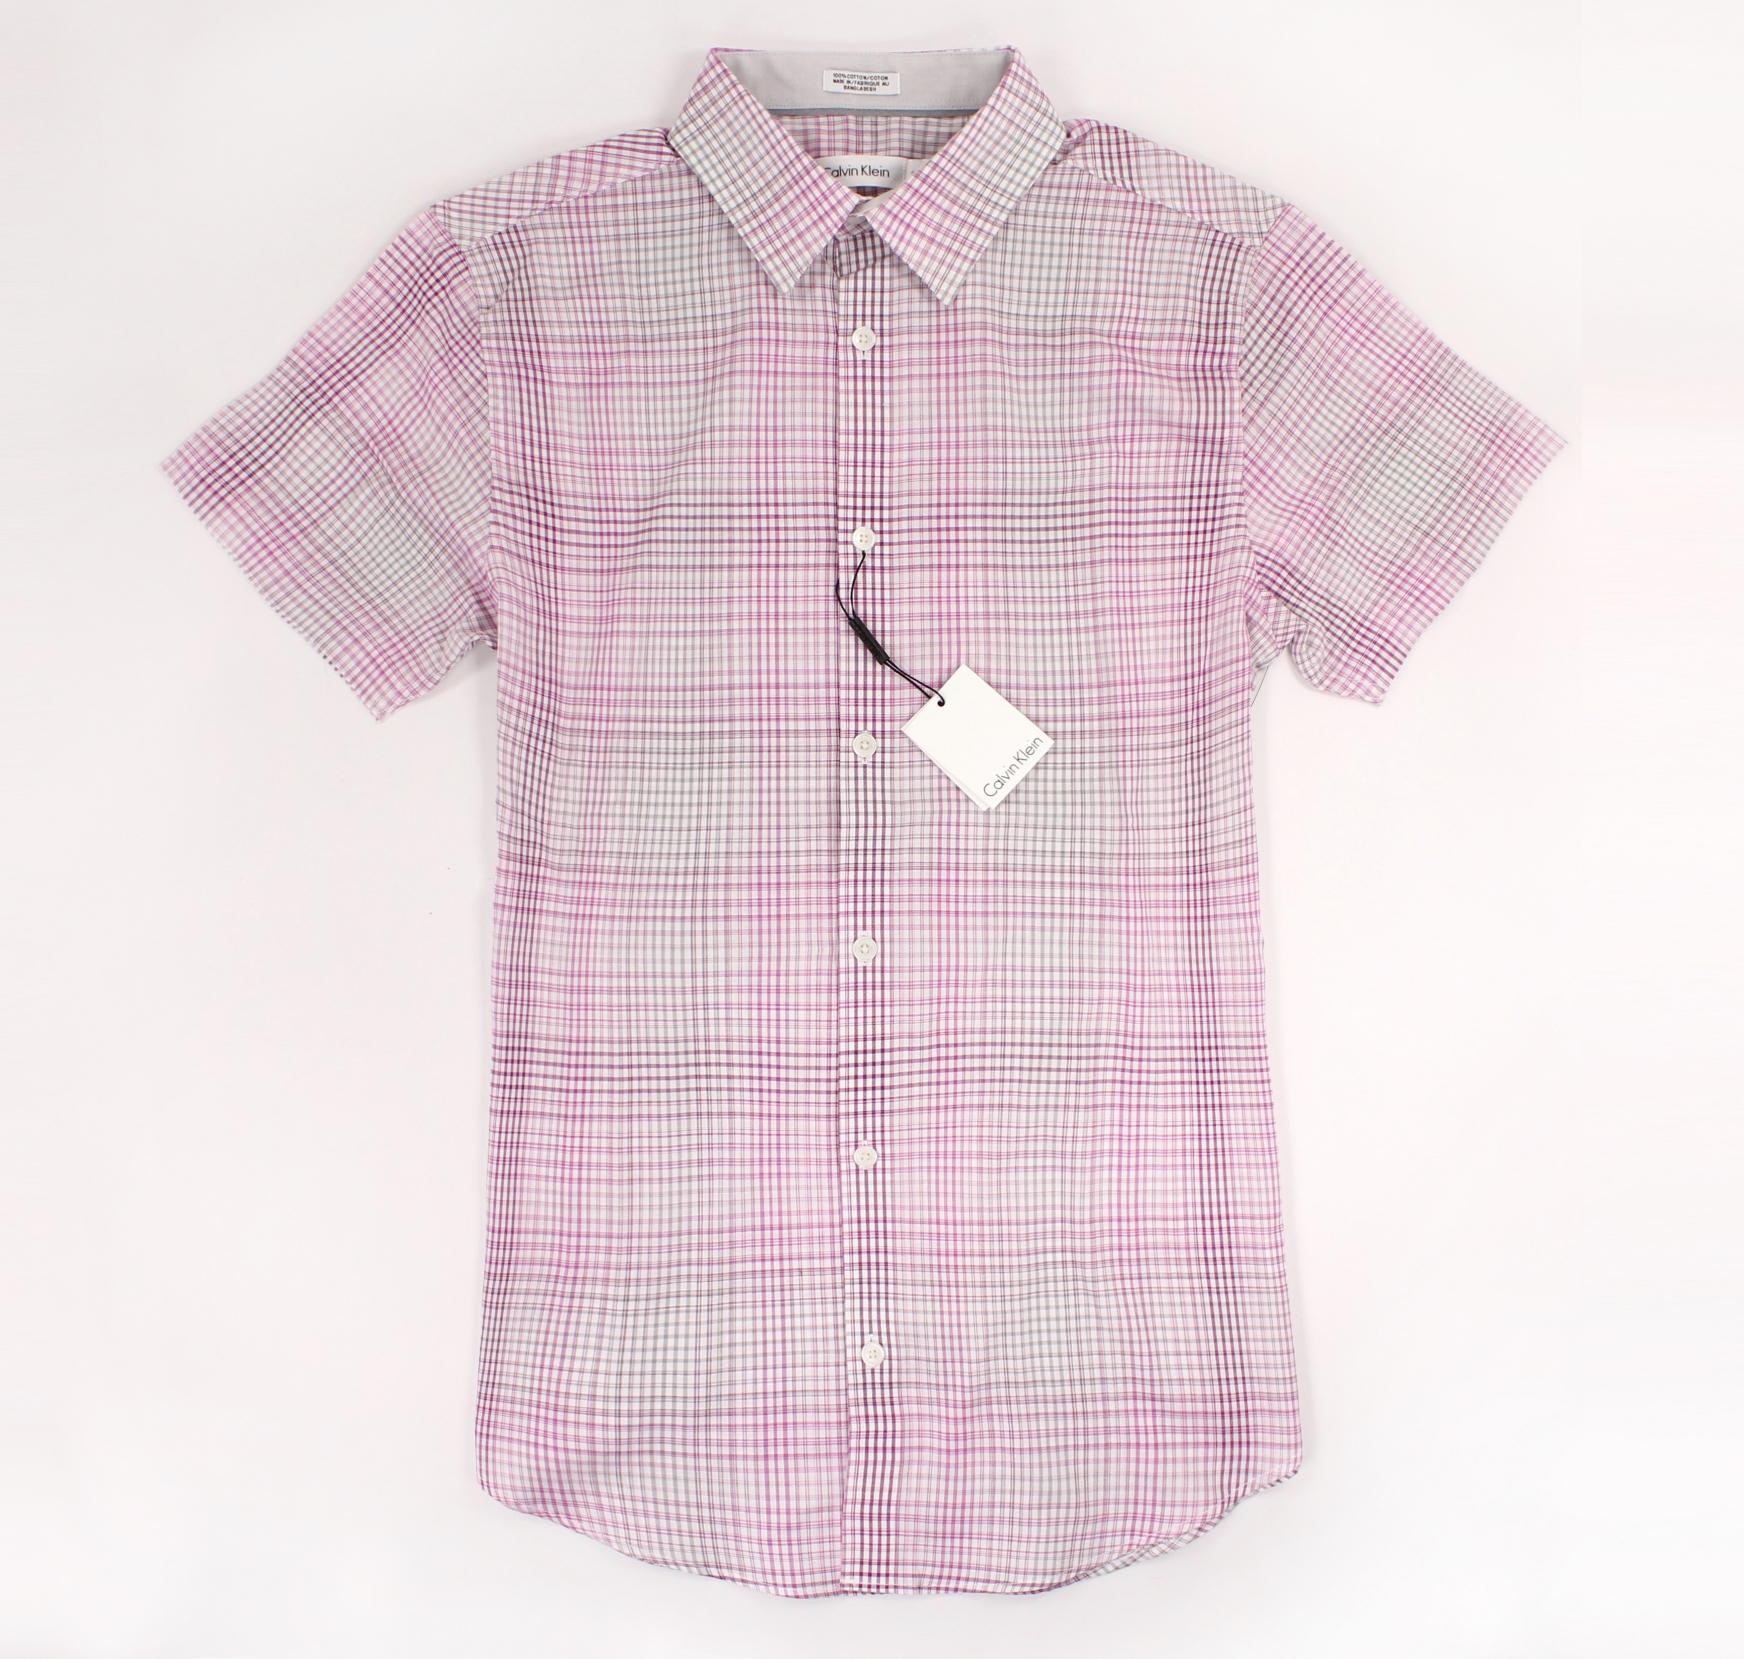 美國百分百【全新真品】Calvin Klein 襯衫 CK 男衣 短袖 格紋 休閒 上衣 S號 漸層 粉紅色 E212